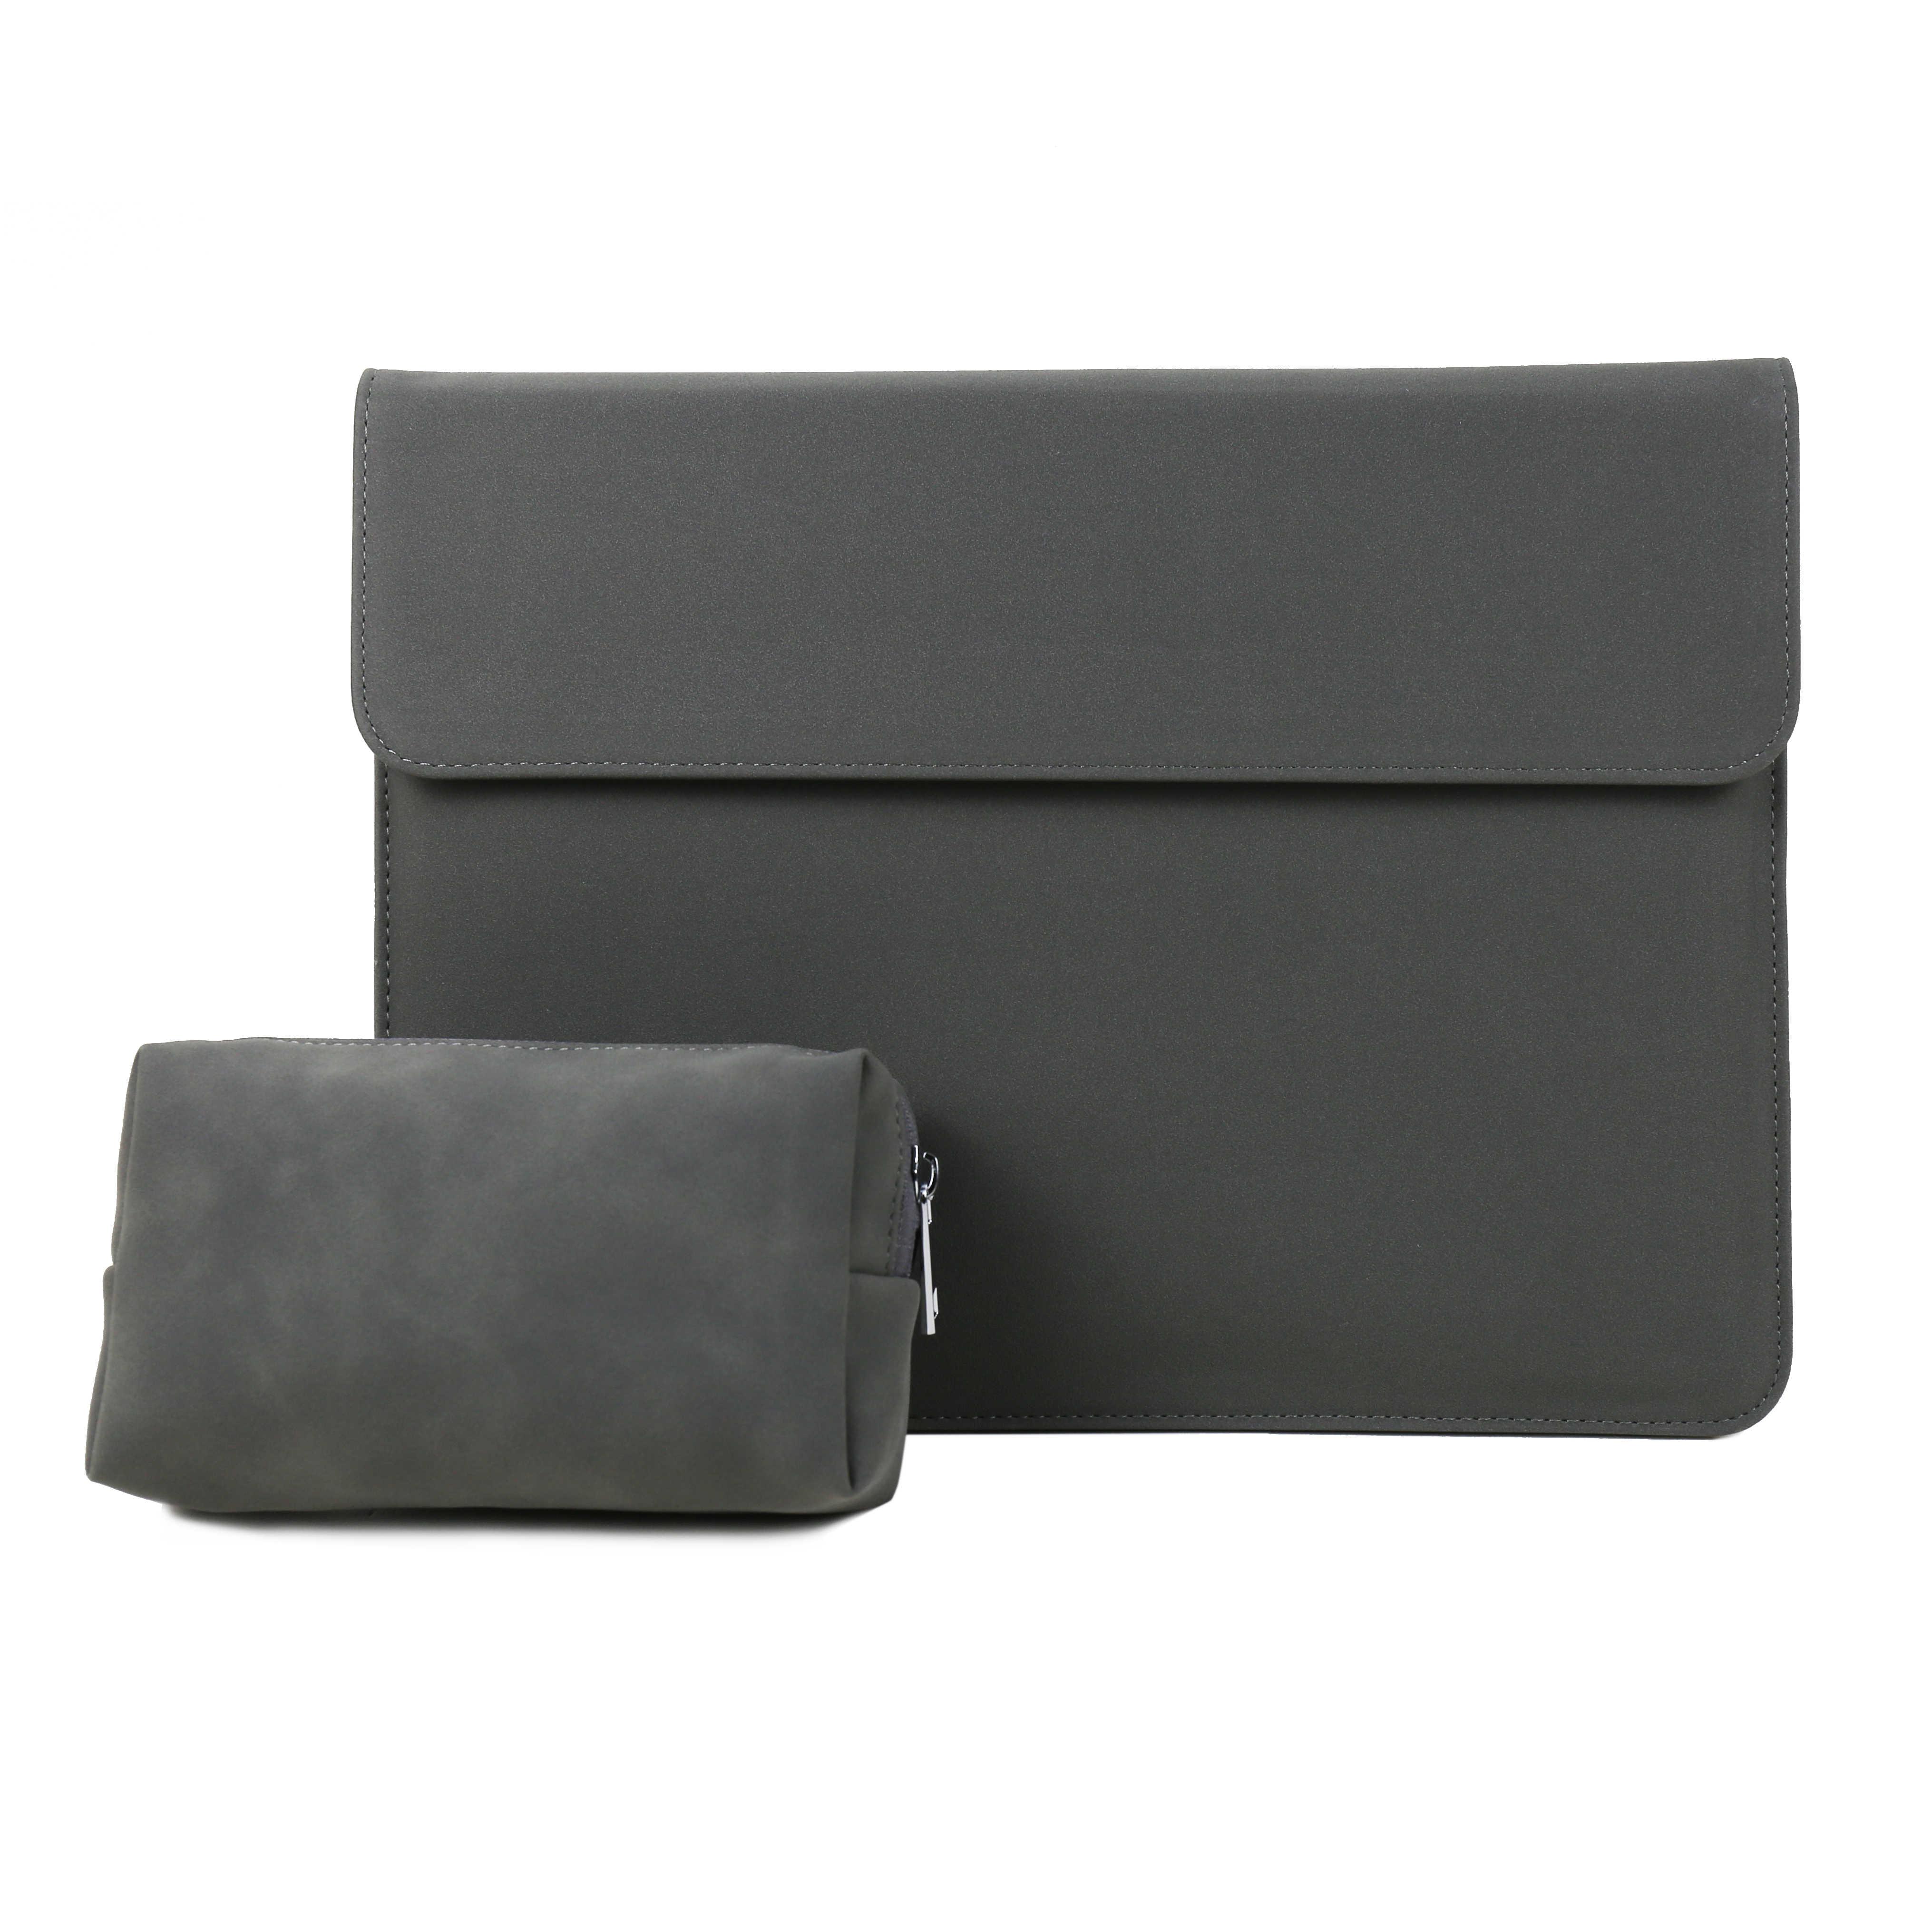 Torba Laptop Sleeve Case Dla Macbook Air Pro Retina 11 12 16 13 15 A2179 2020 Dla Xiaomi Notebook przykrywką dla Huawei Matebook Shell